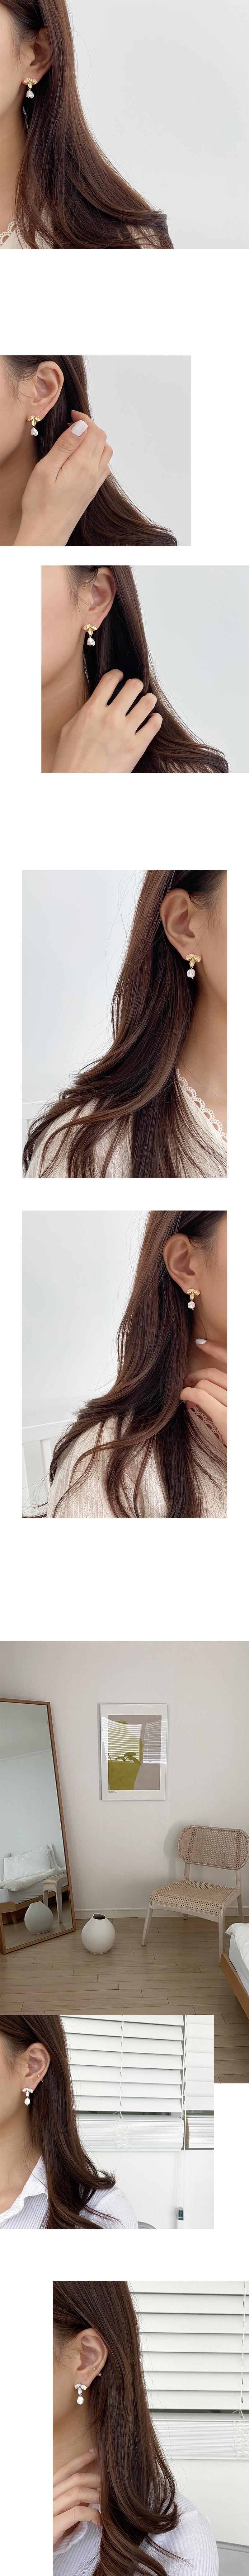 jane earring